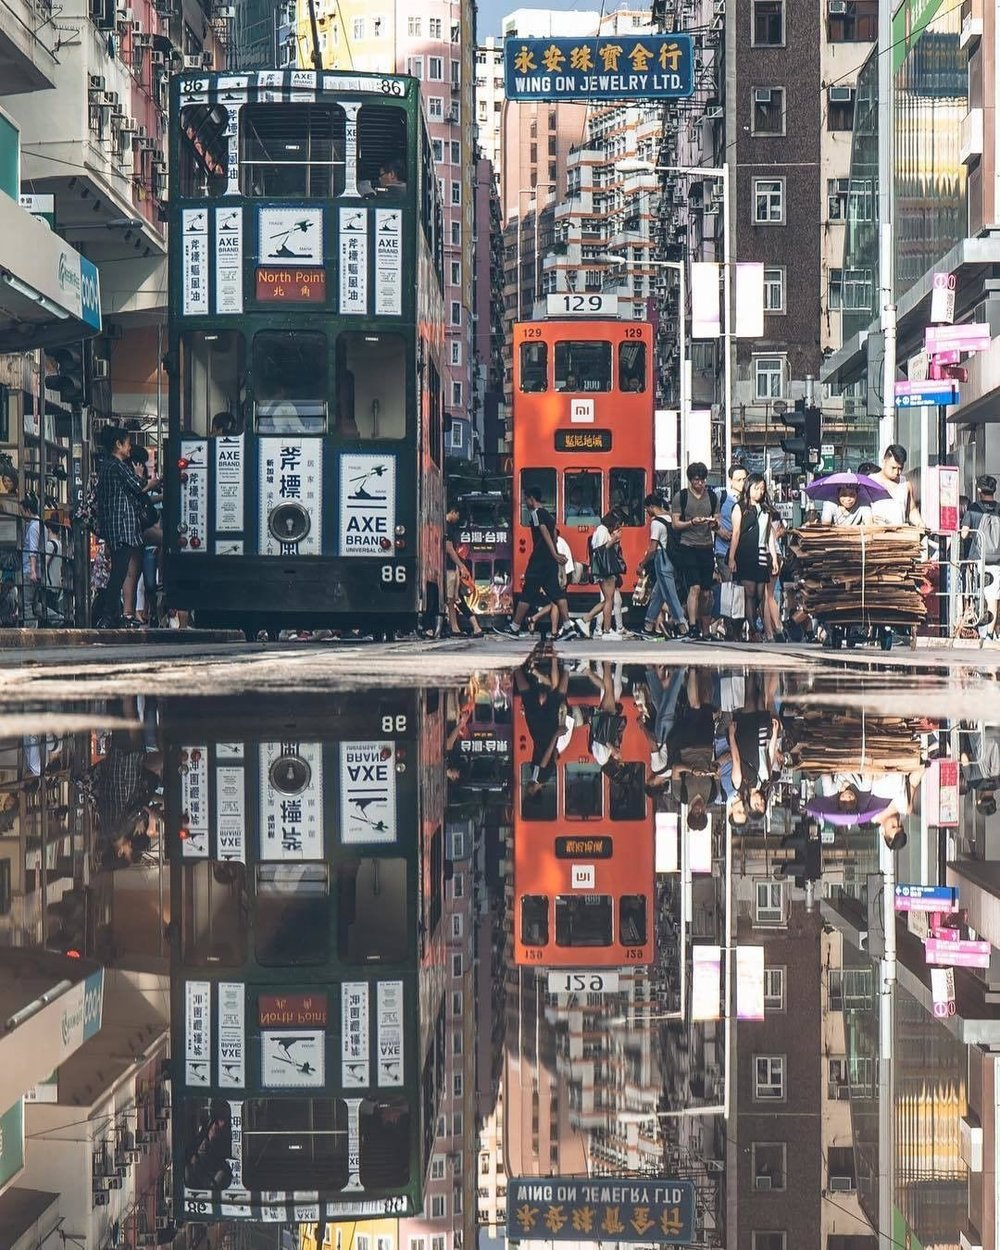 Hong Kong, China - Benjamin Wallsten,Flyright & Beau Berman,Tripcents